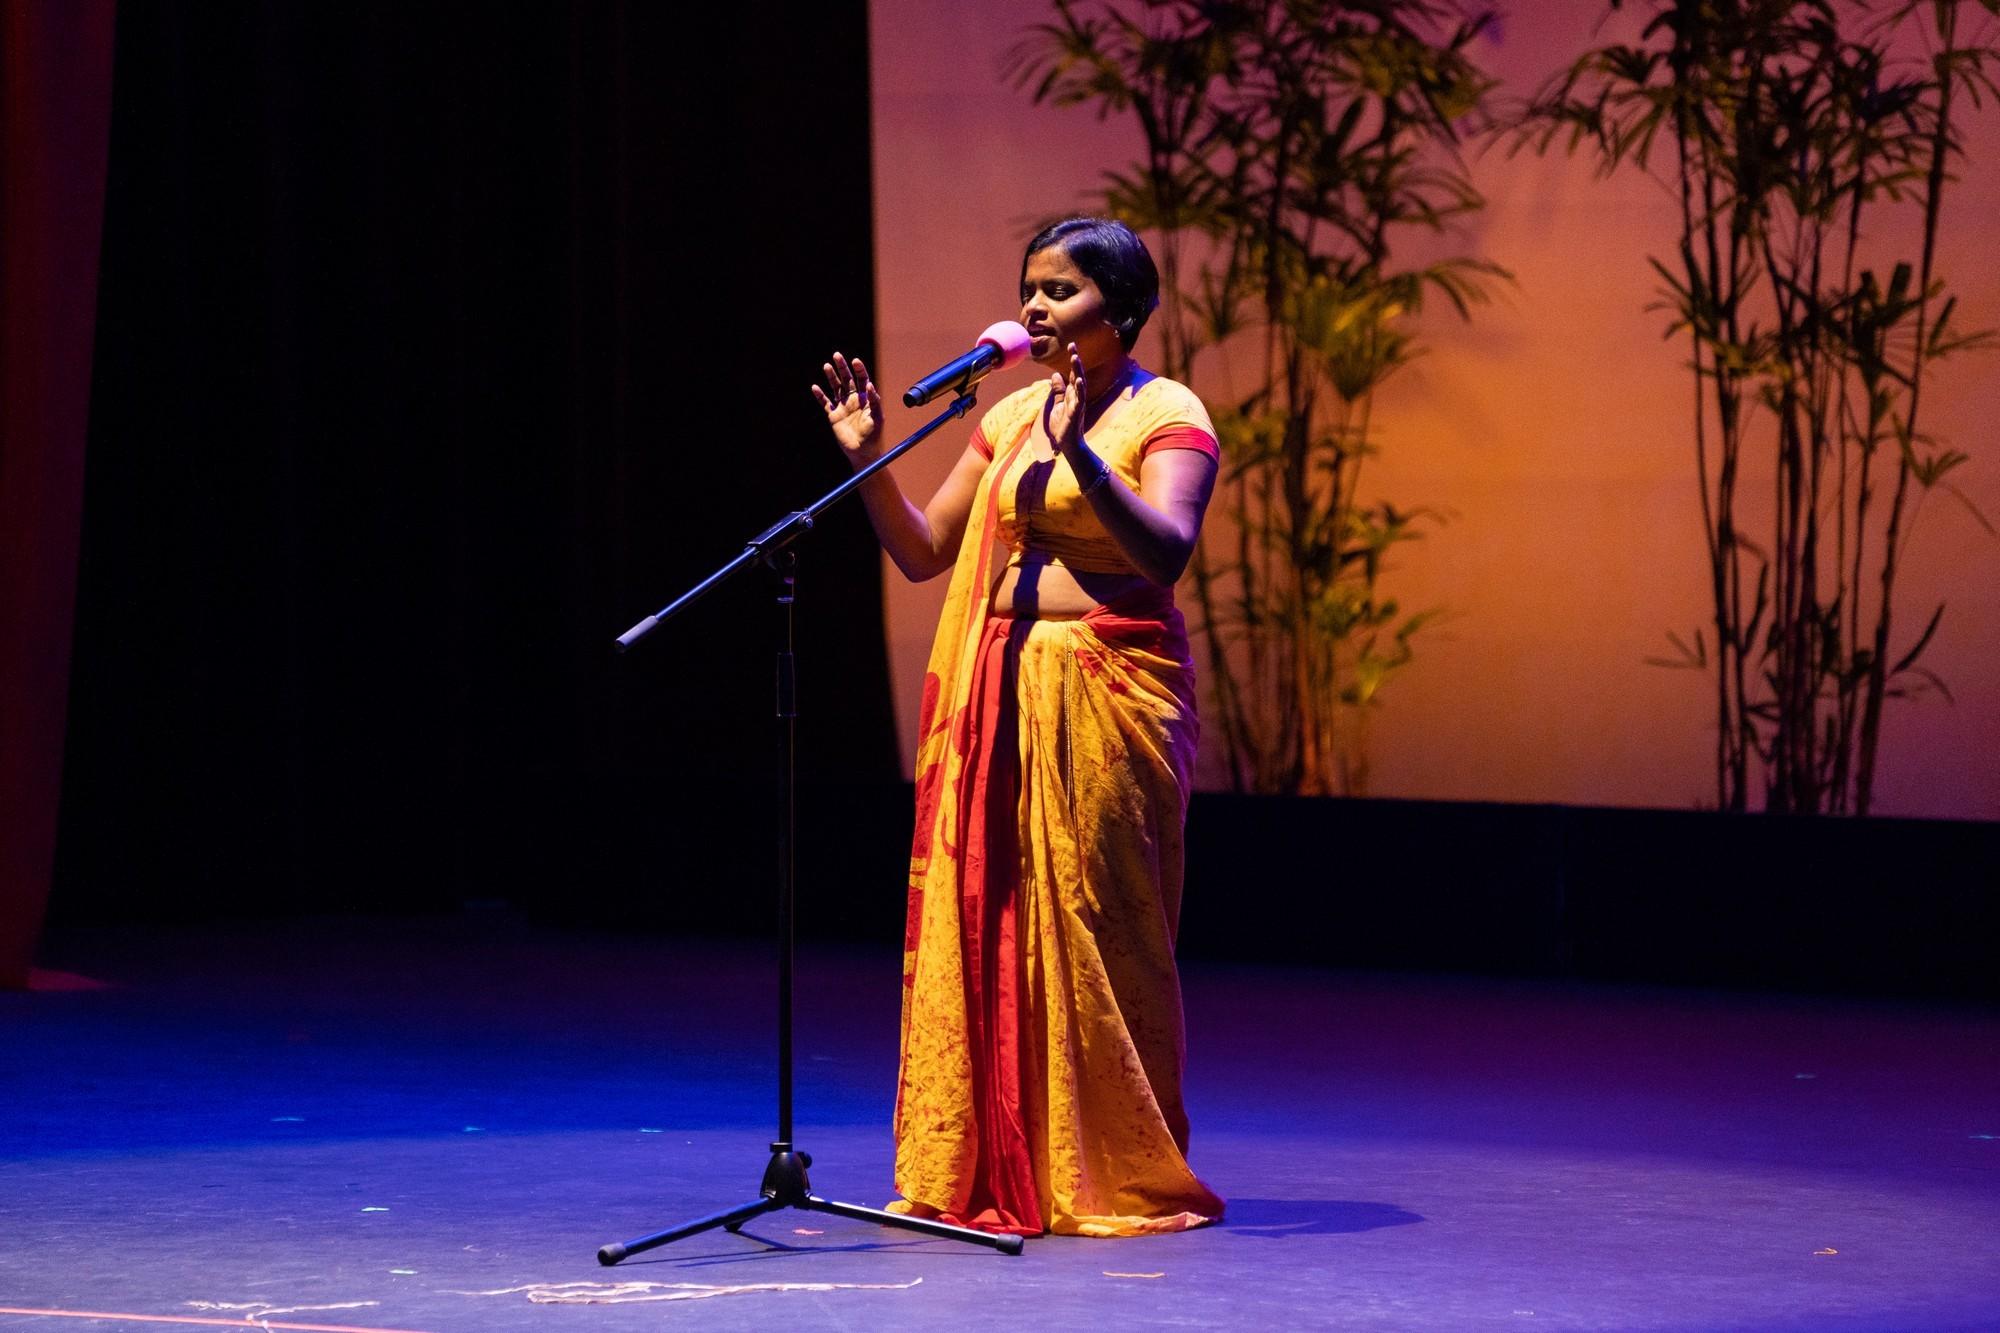 Solo female at mic singing, in orange sari.